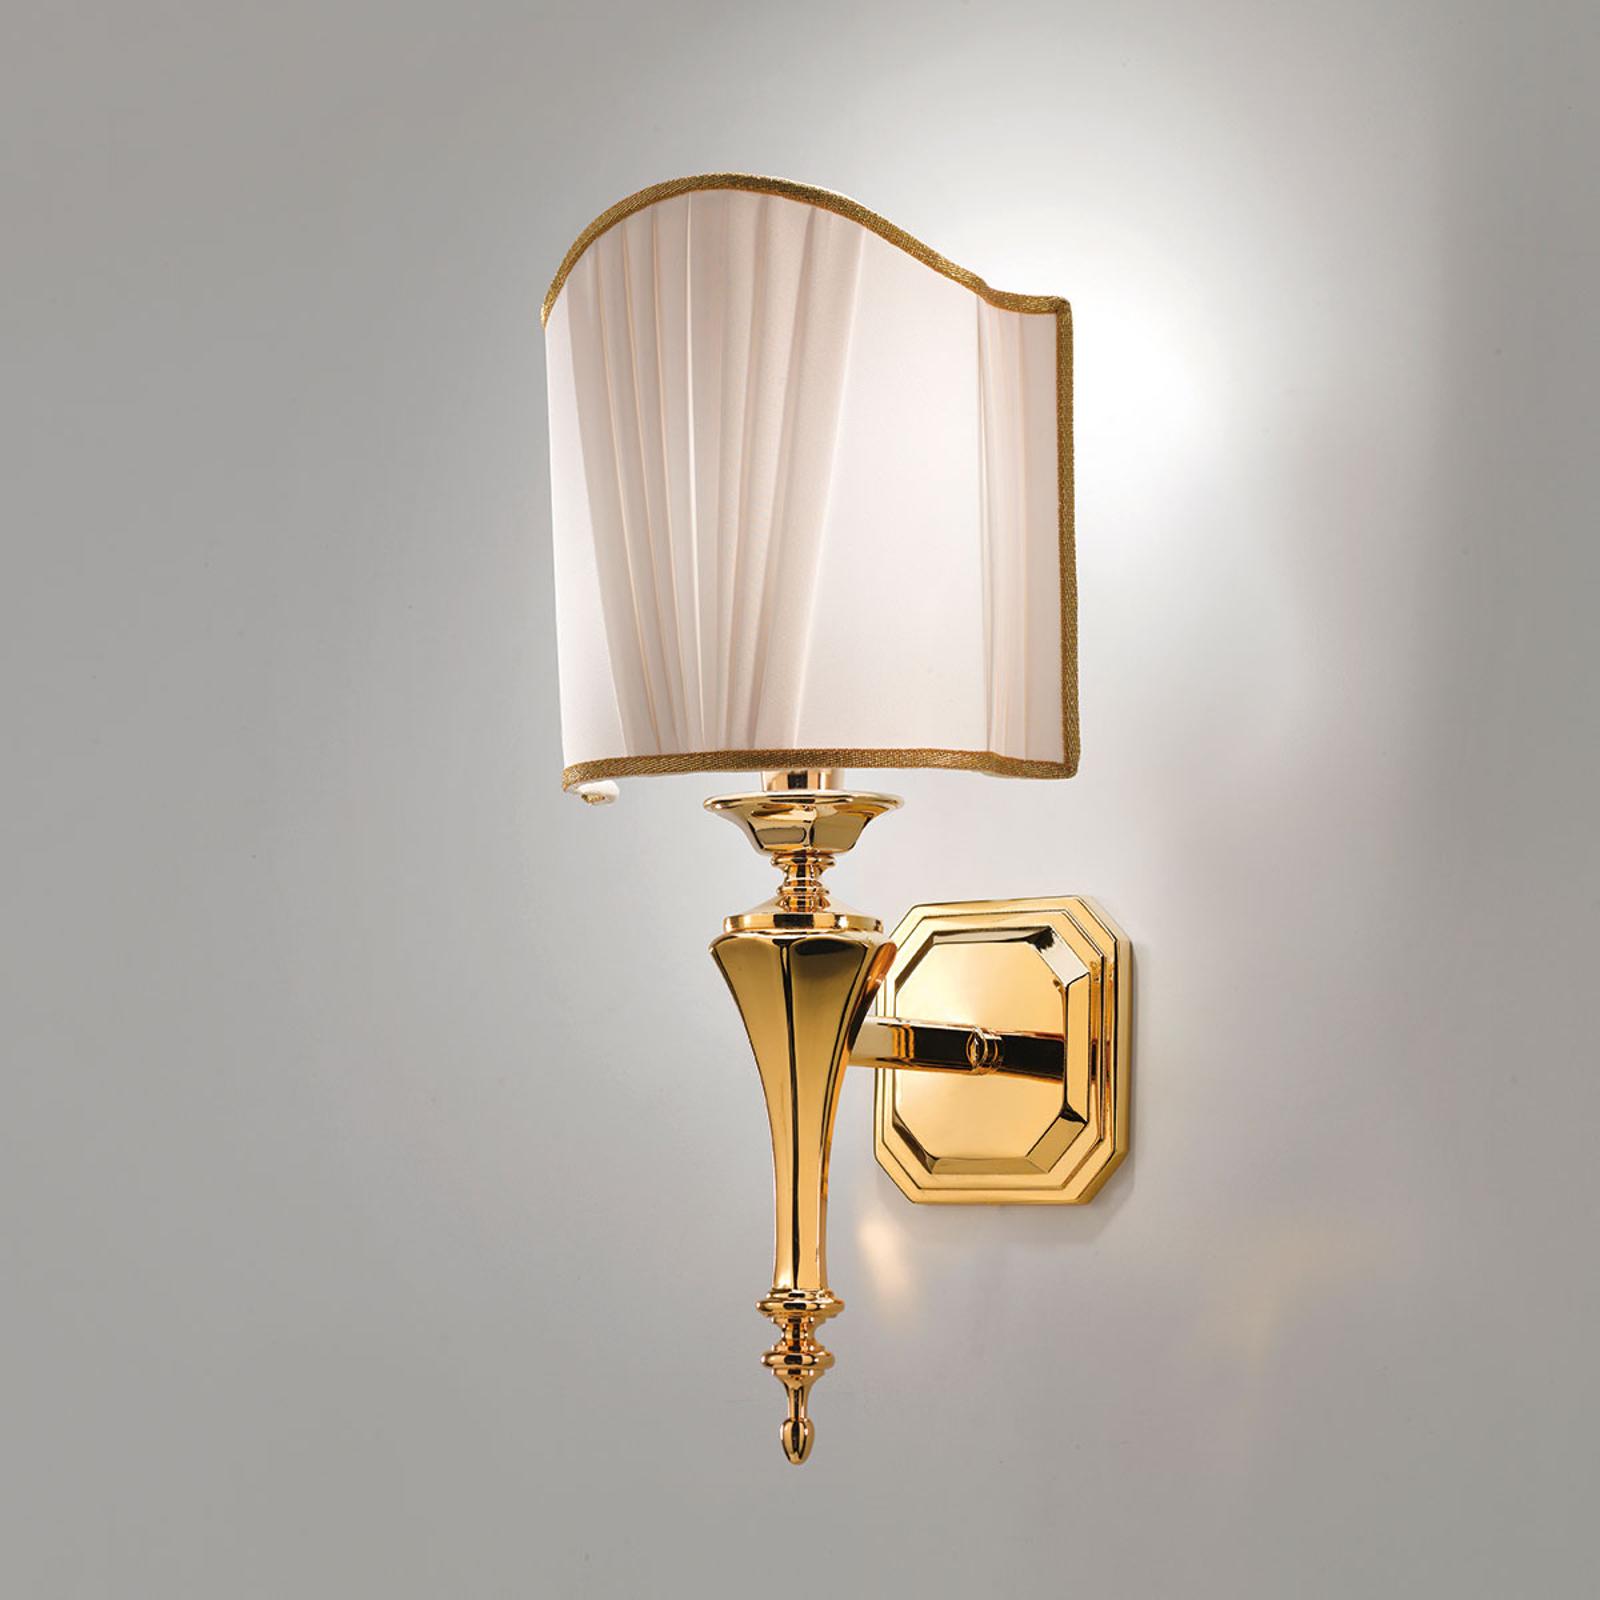 Belle Epoque - aplique elegante de color dorado